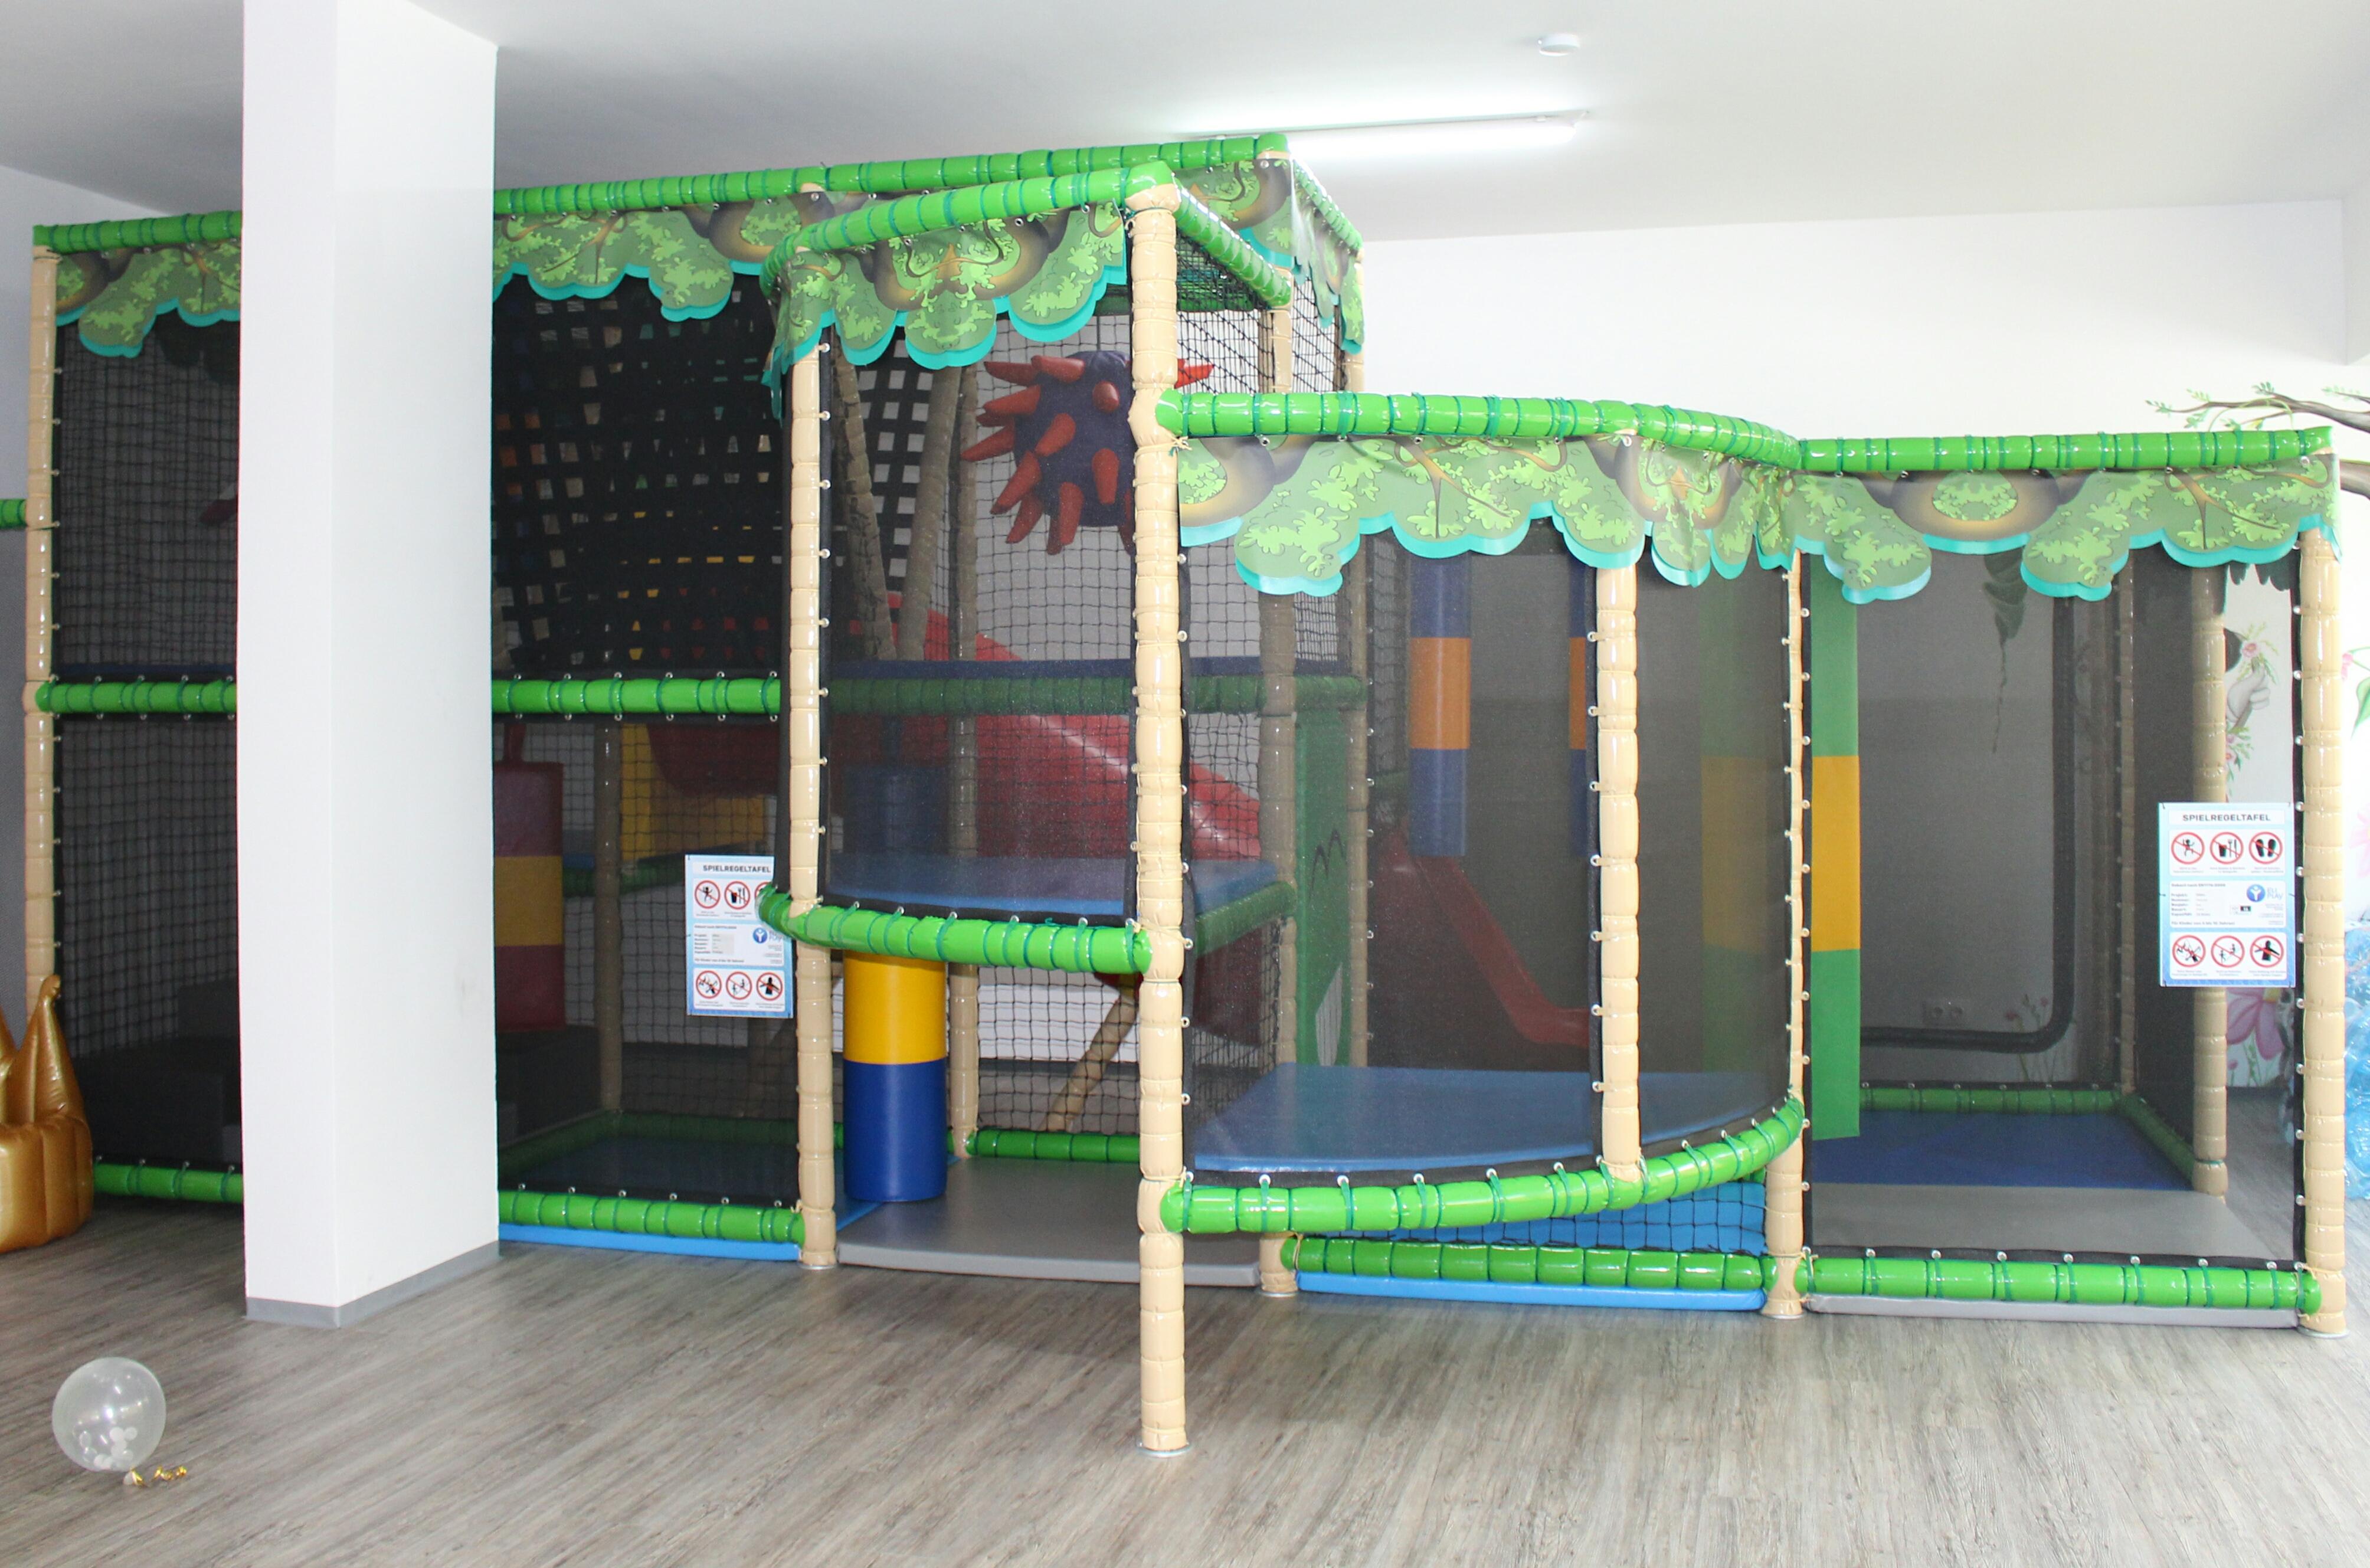 Indoorspielraum Happybirdsday In 1110 Wien